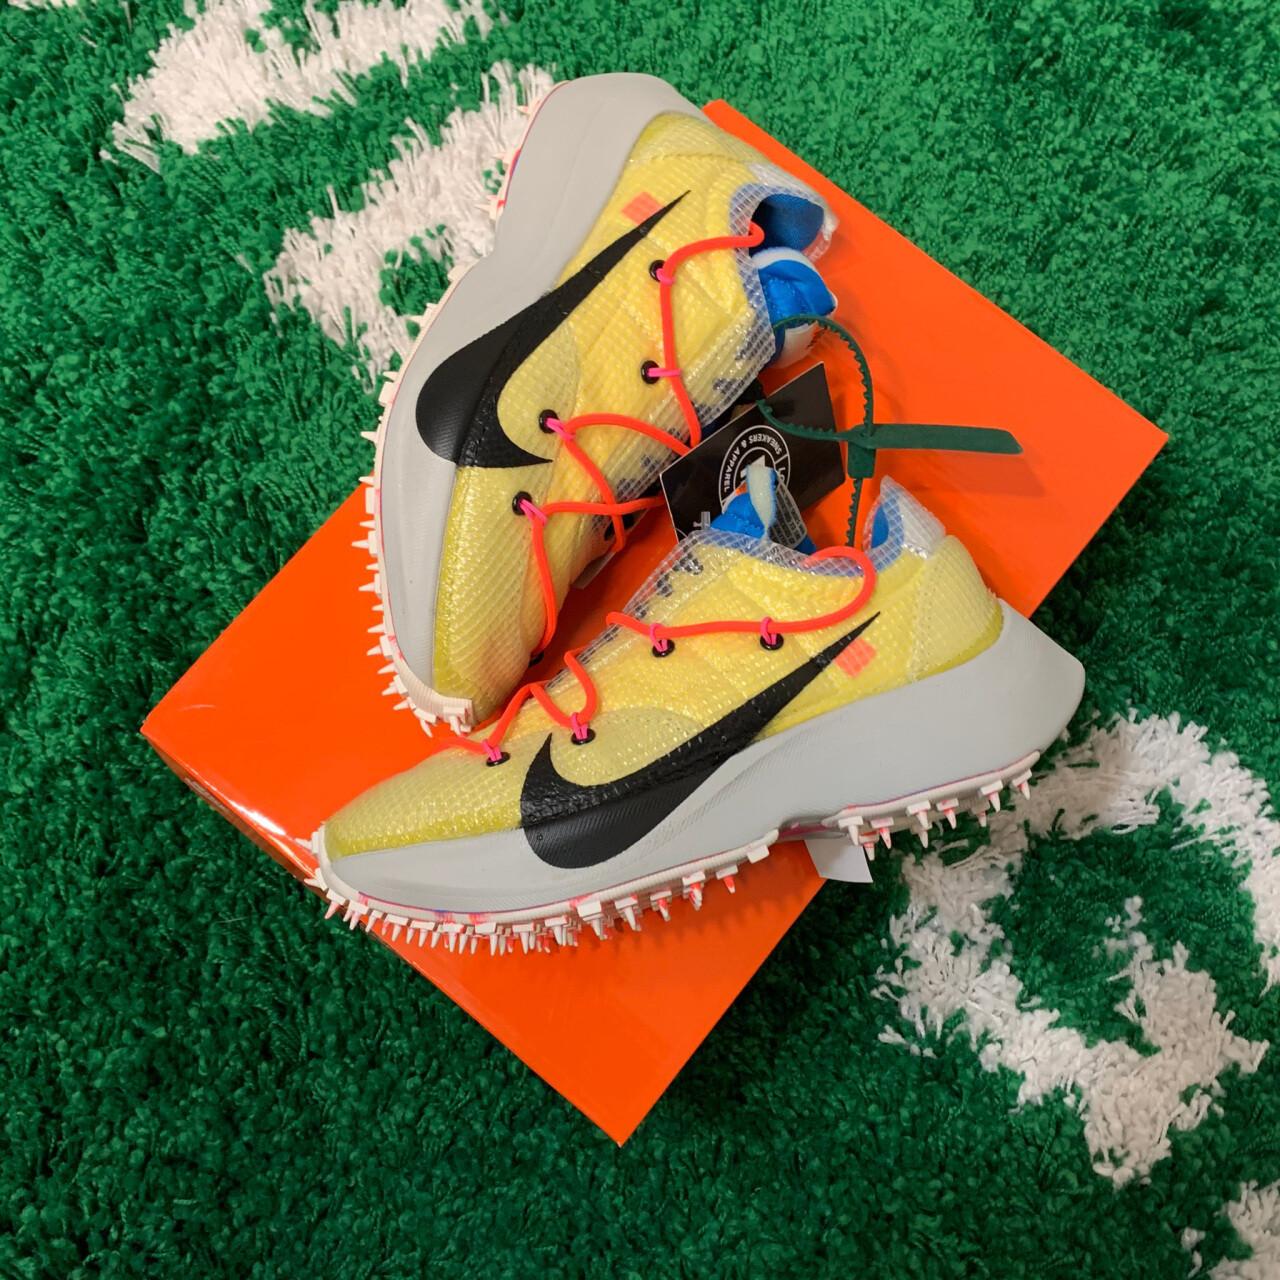 Nike Off White Vapor Street Size 6.5(W)/5(M)